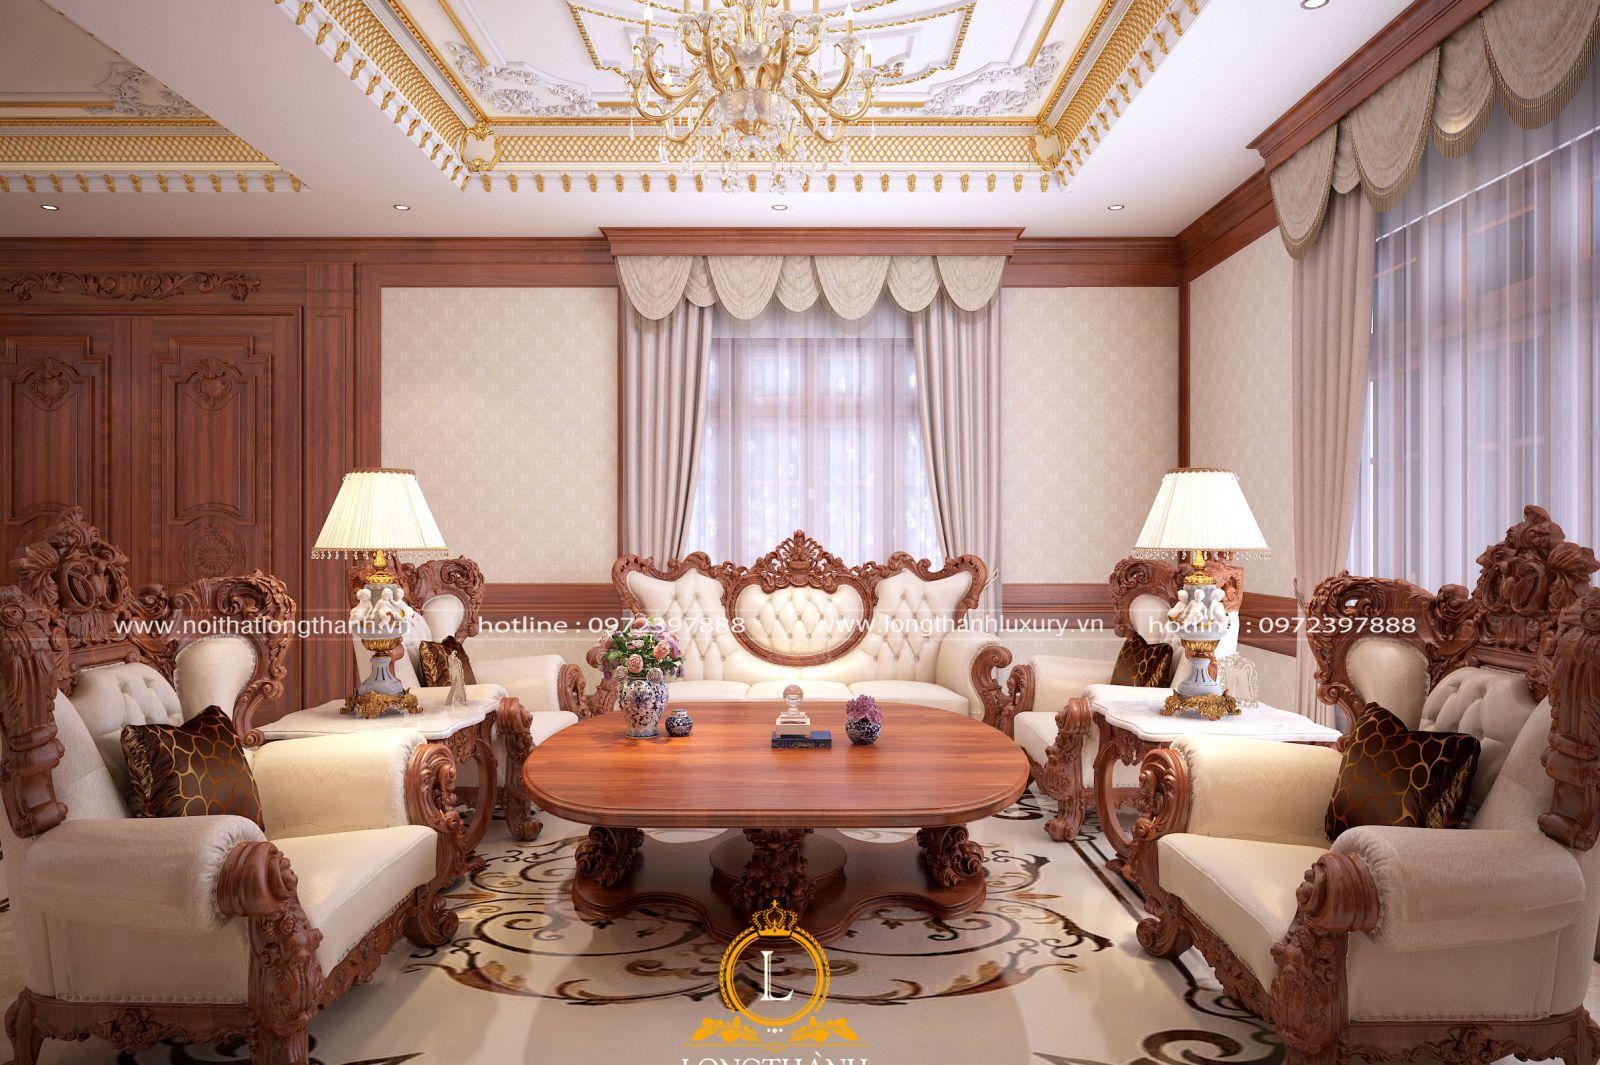 Phòng khách càng thêm lộng lẫy với bộ sofa tân cổ điển